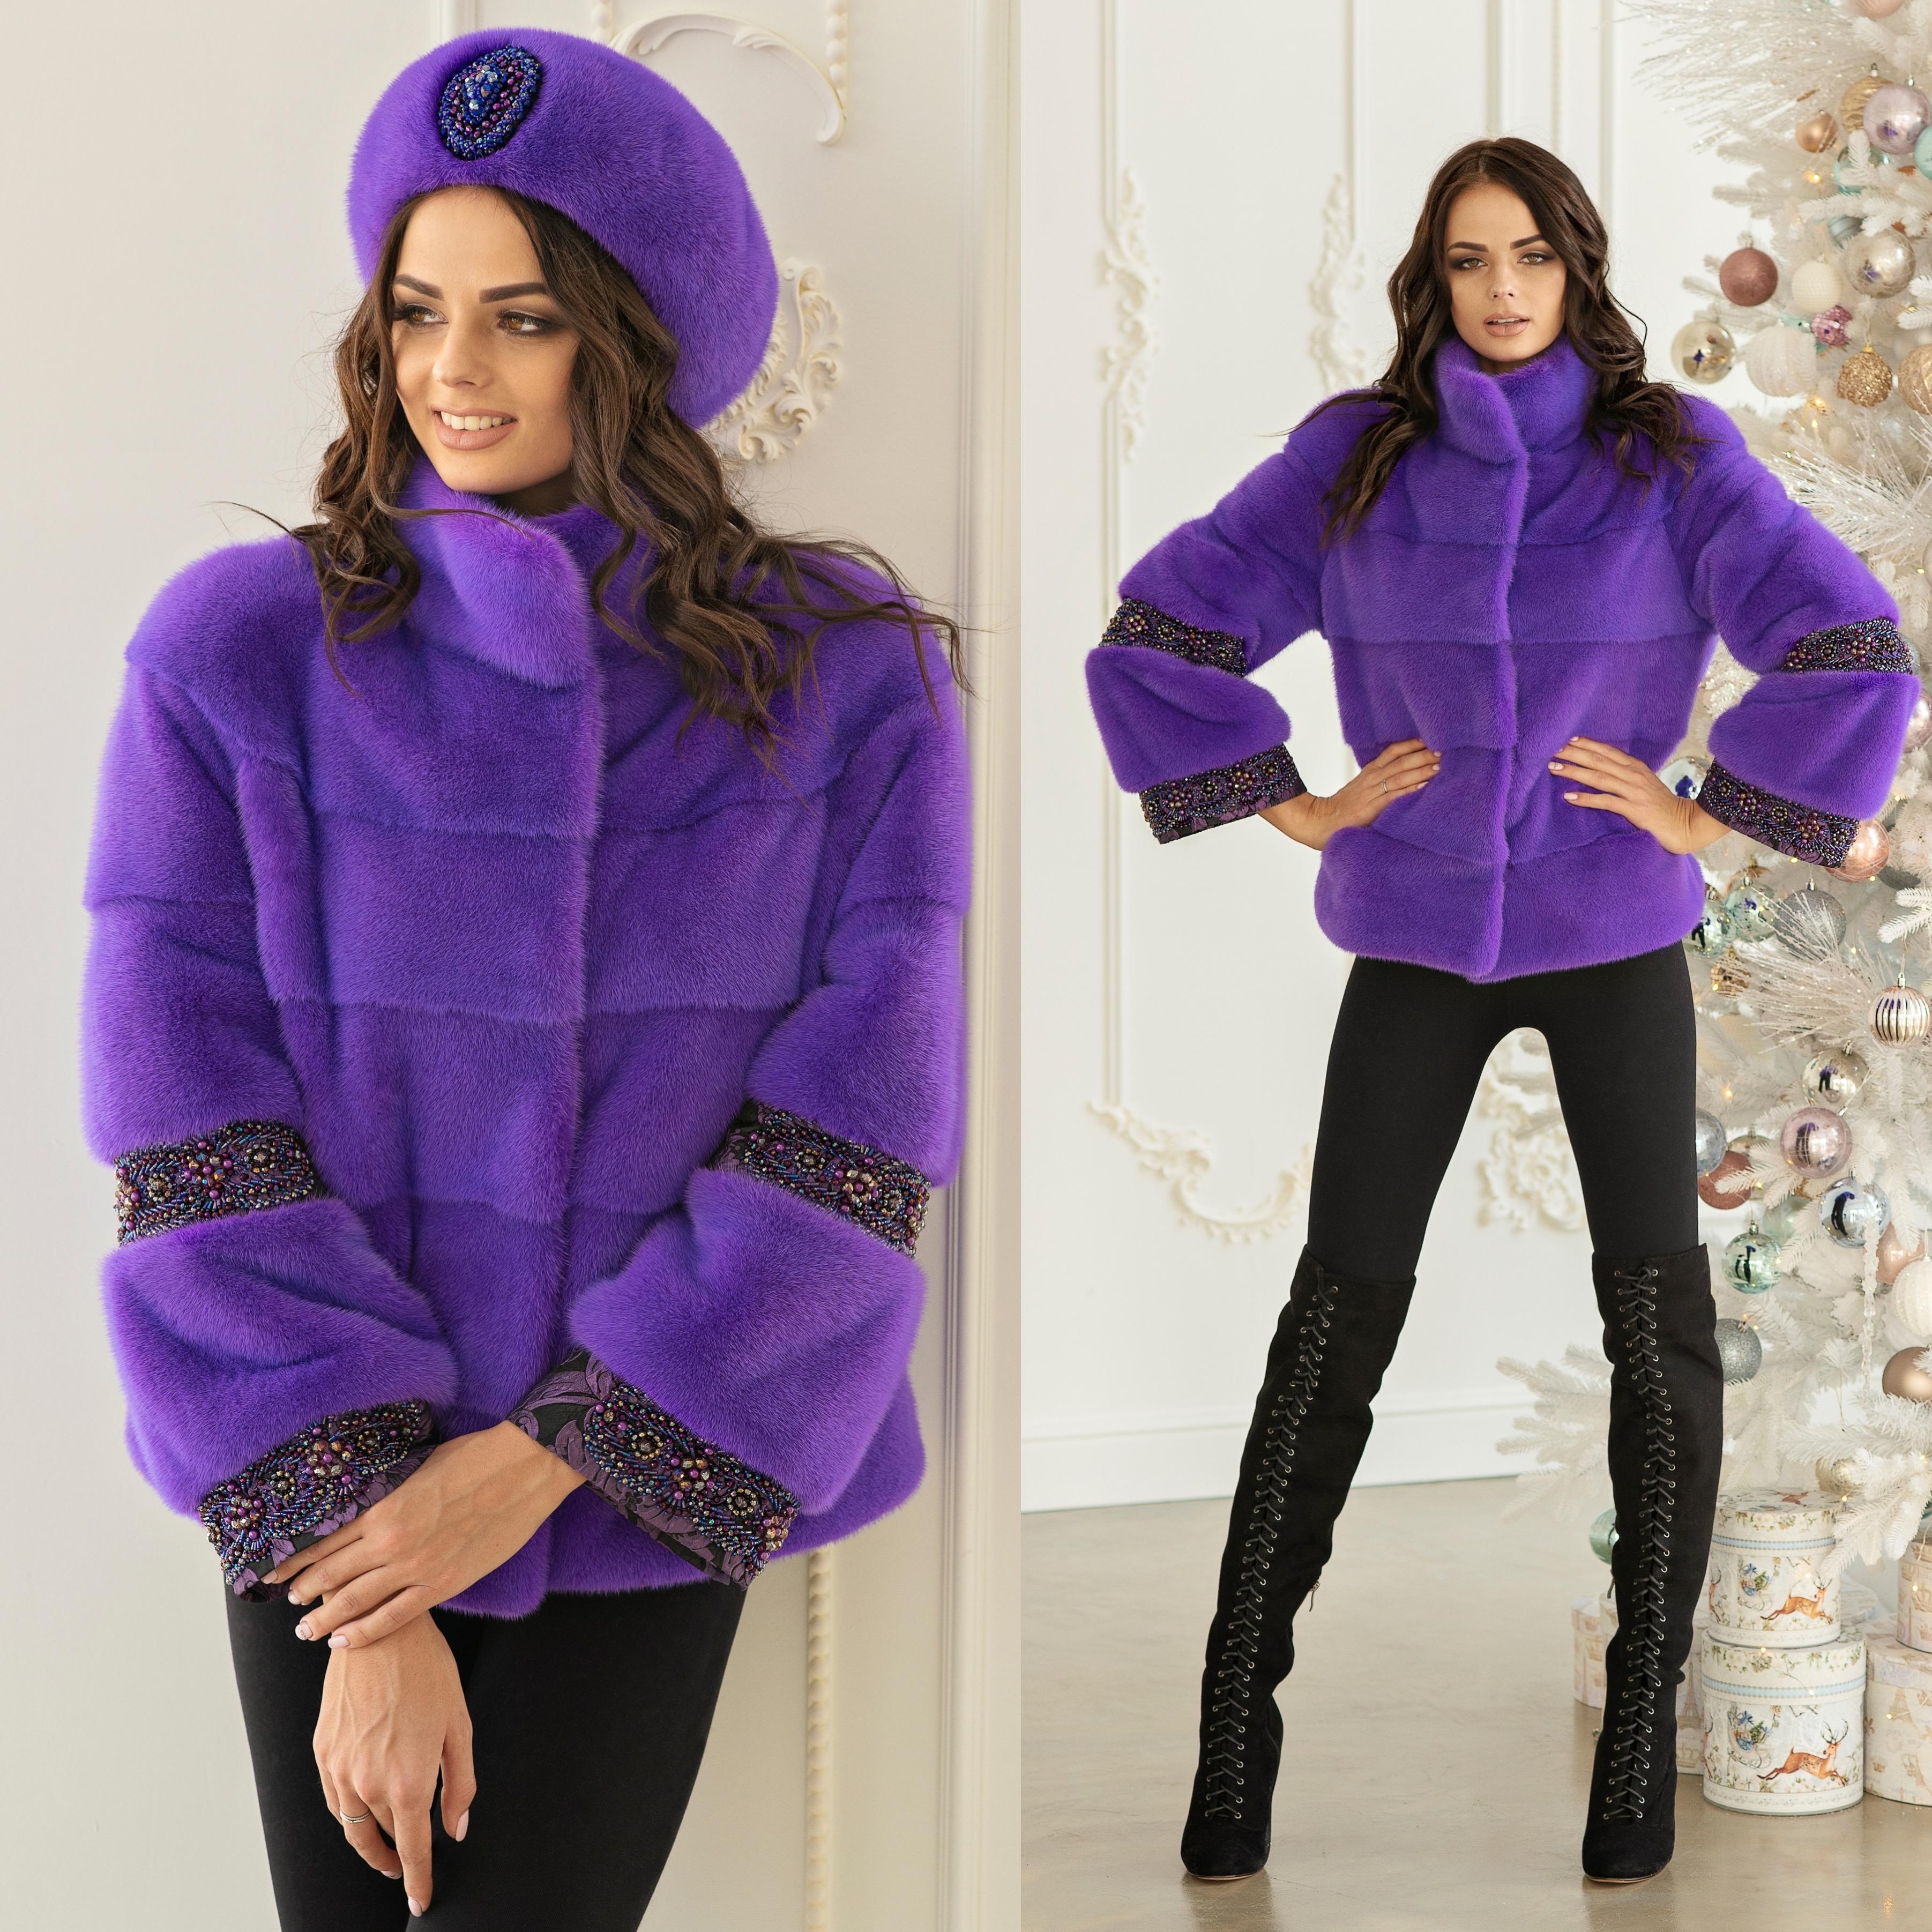 Новая коллекция зимних пальто и шуб от бренда СНЕЖНОЕ  в Самаре 22-25 октября 🍂